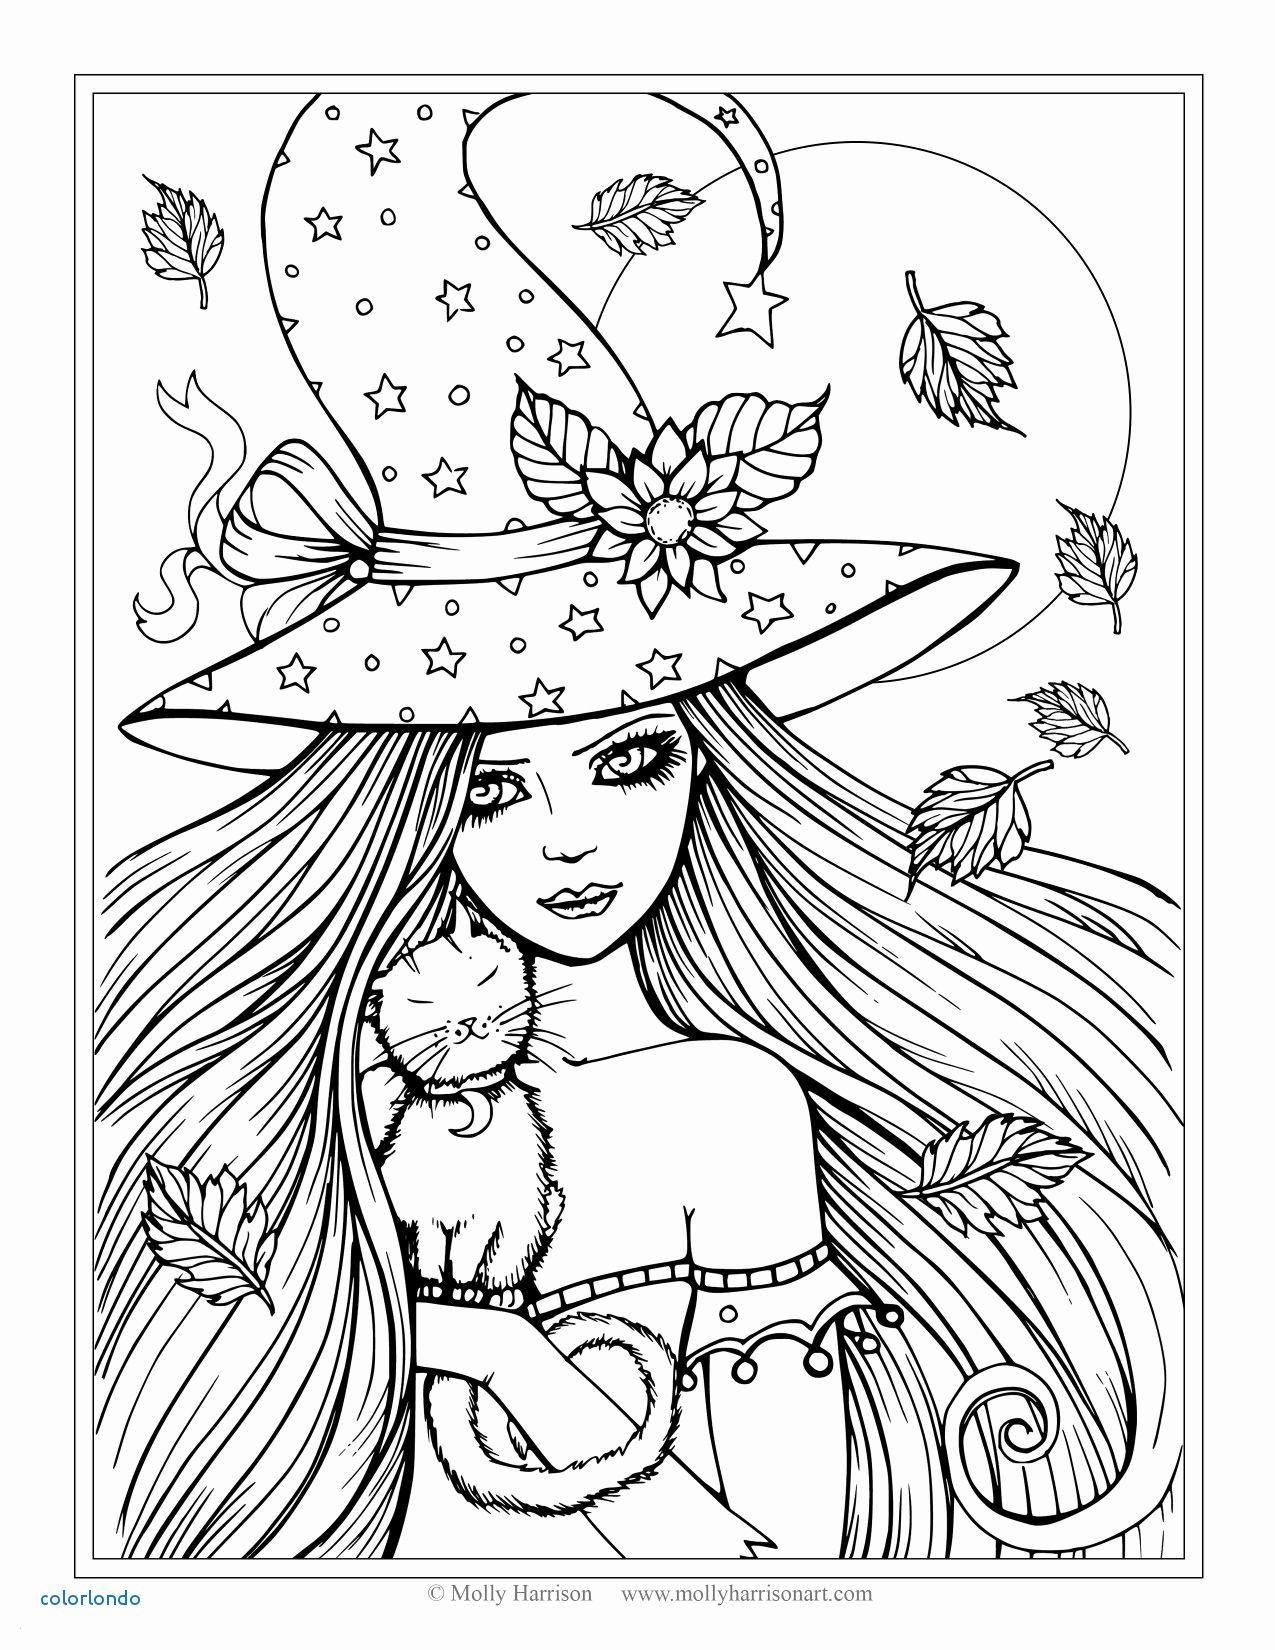 38 Fantastisch Poppixie Kleurplaten Foto Kleurplaat From Tekeningen Printen Witch Coloring Pages Halloween Coloring Pages Printable Halloween Coloring Sheets